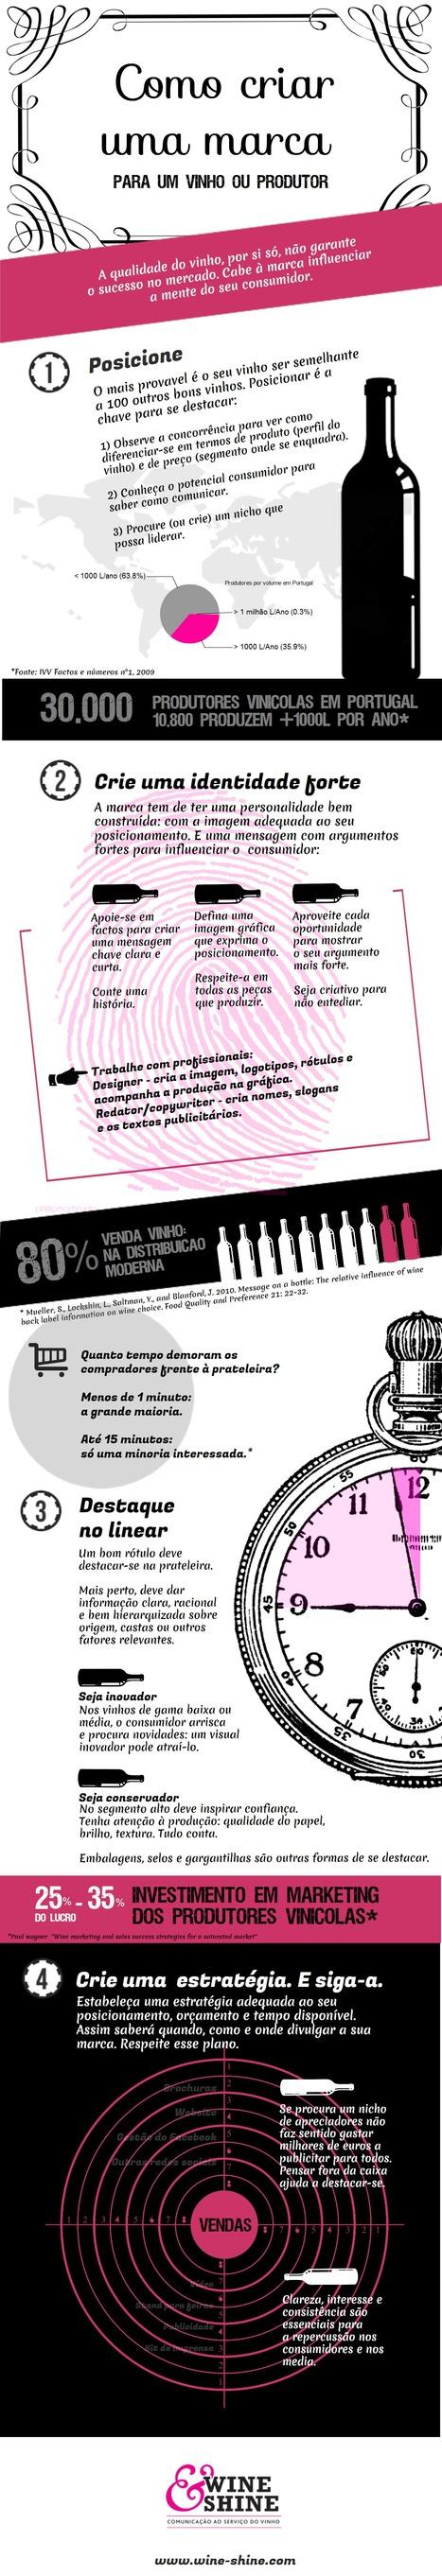 Como criar uma marca de vinho? Siga o infográfico | Notícias escolhidas | Scoop.it